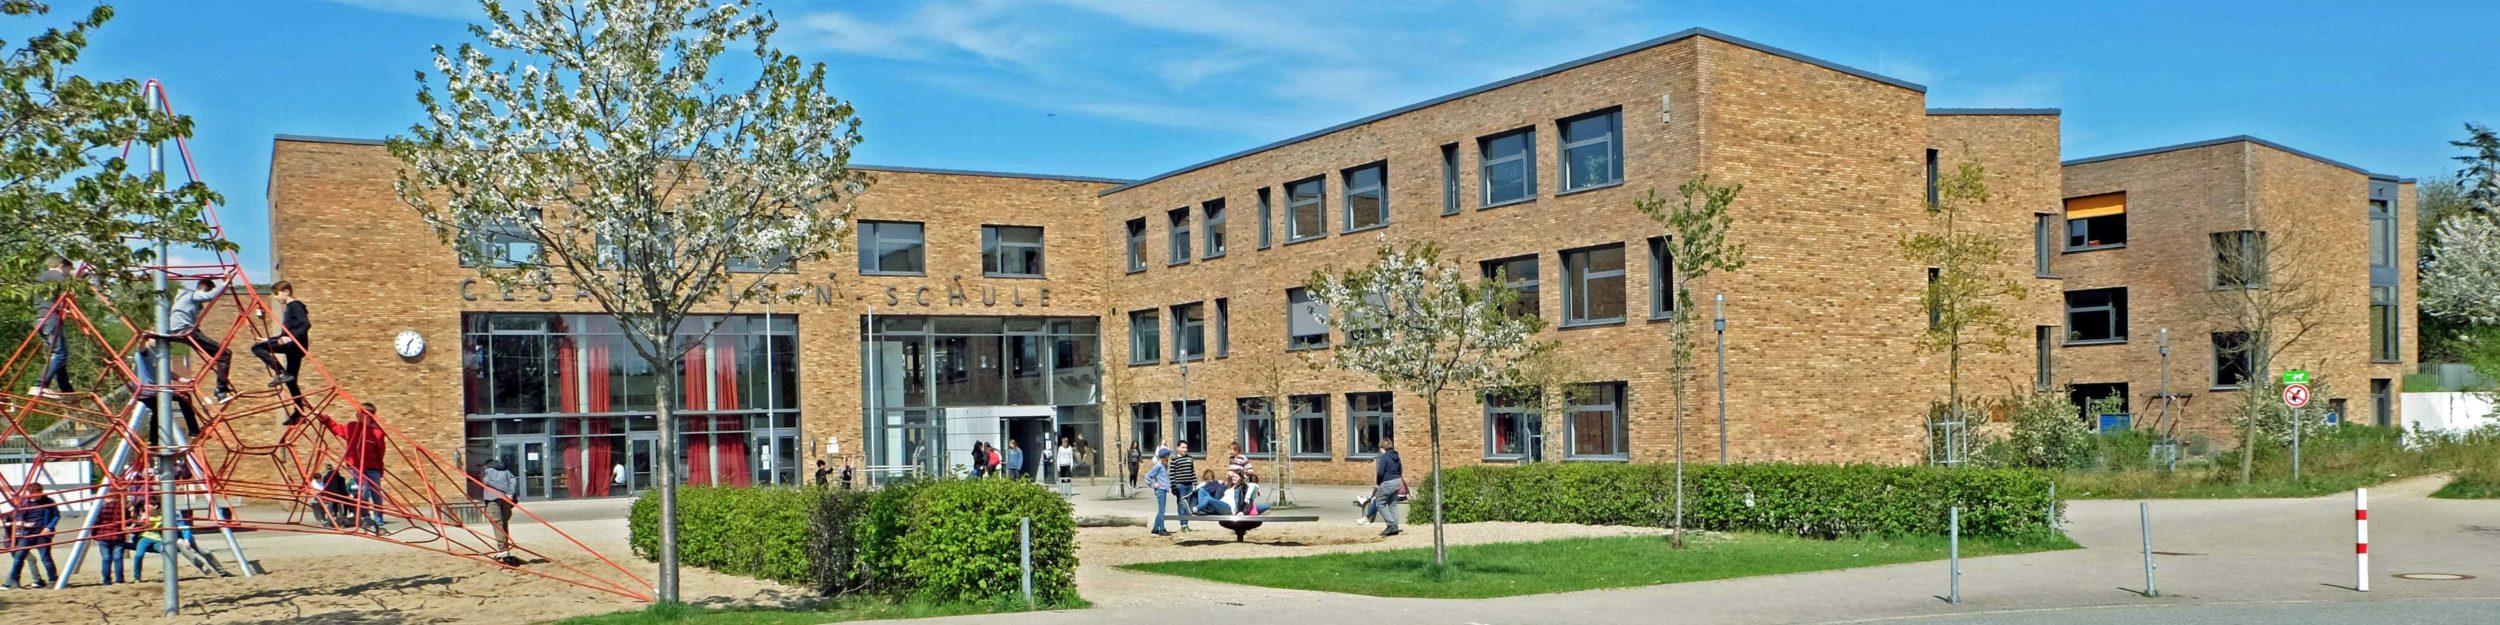 Cesar Klein Schule